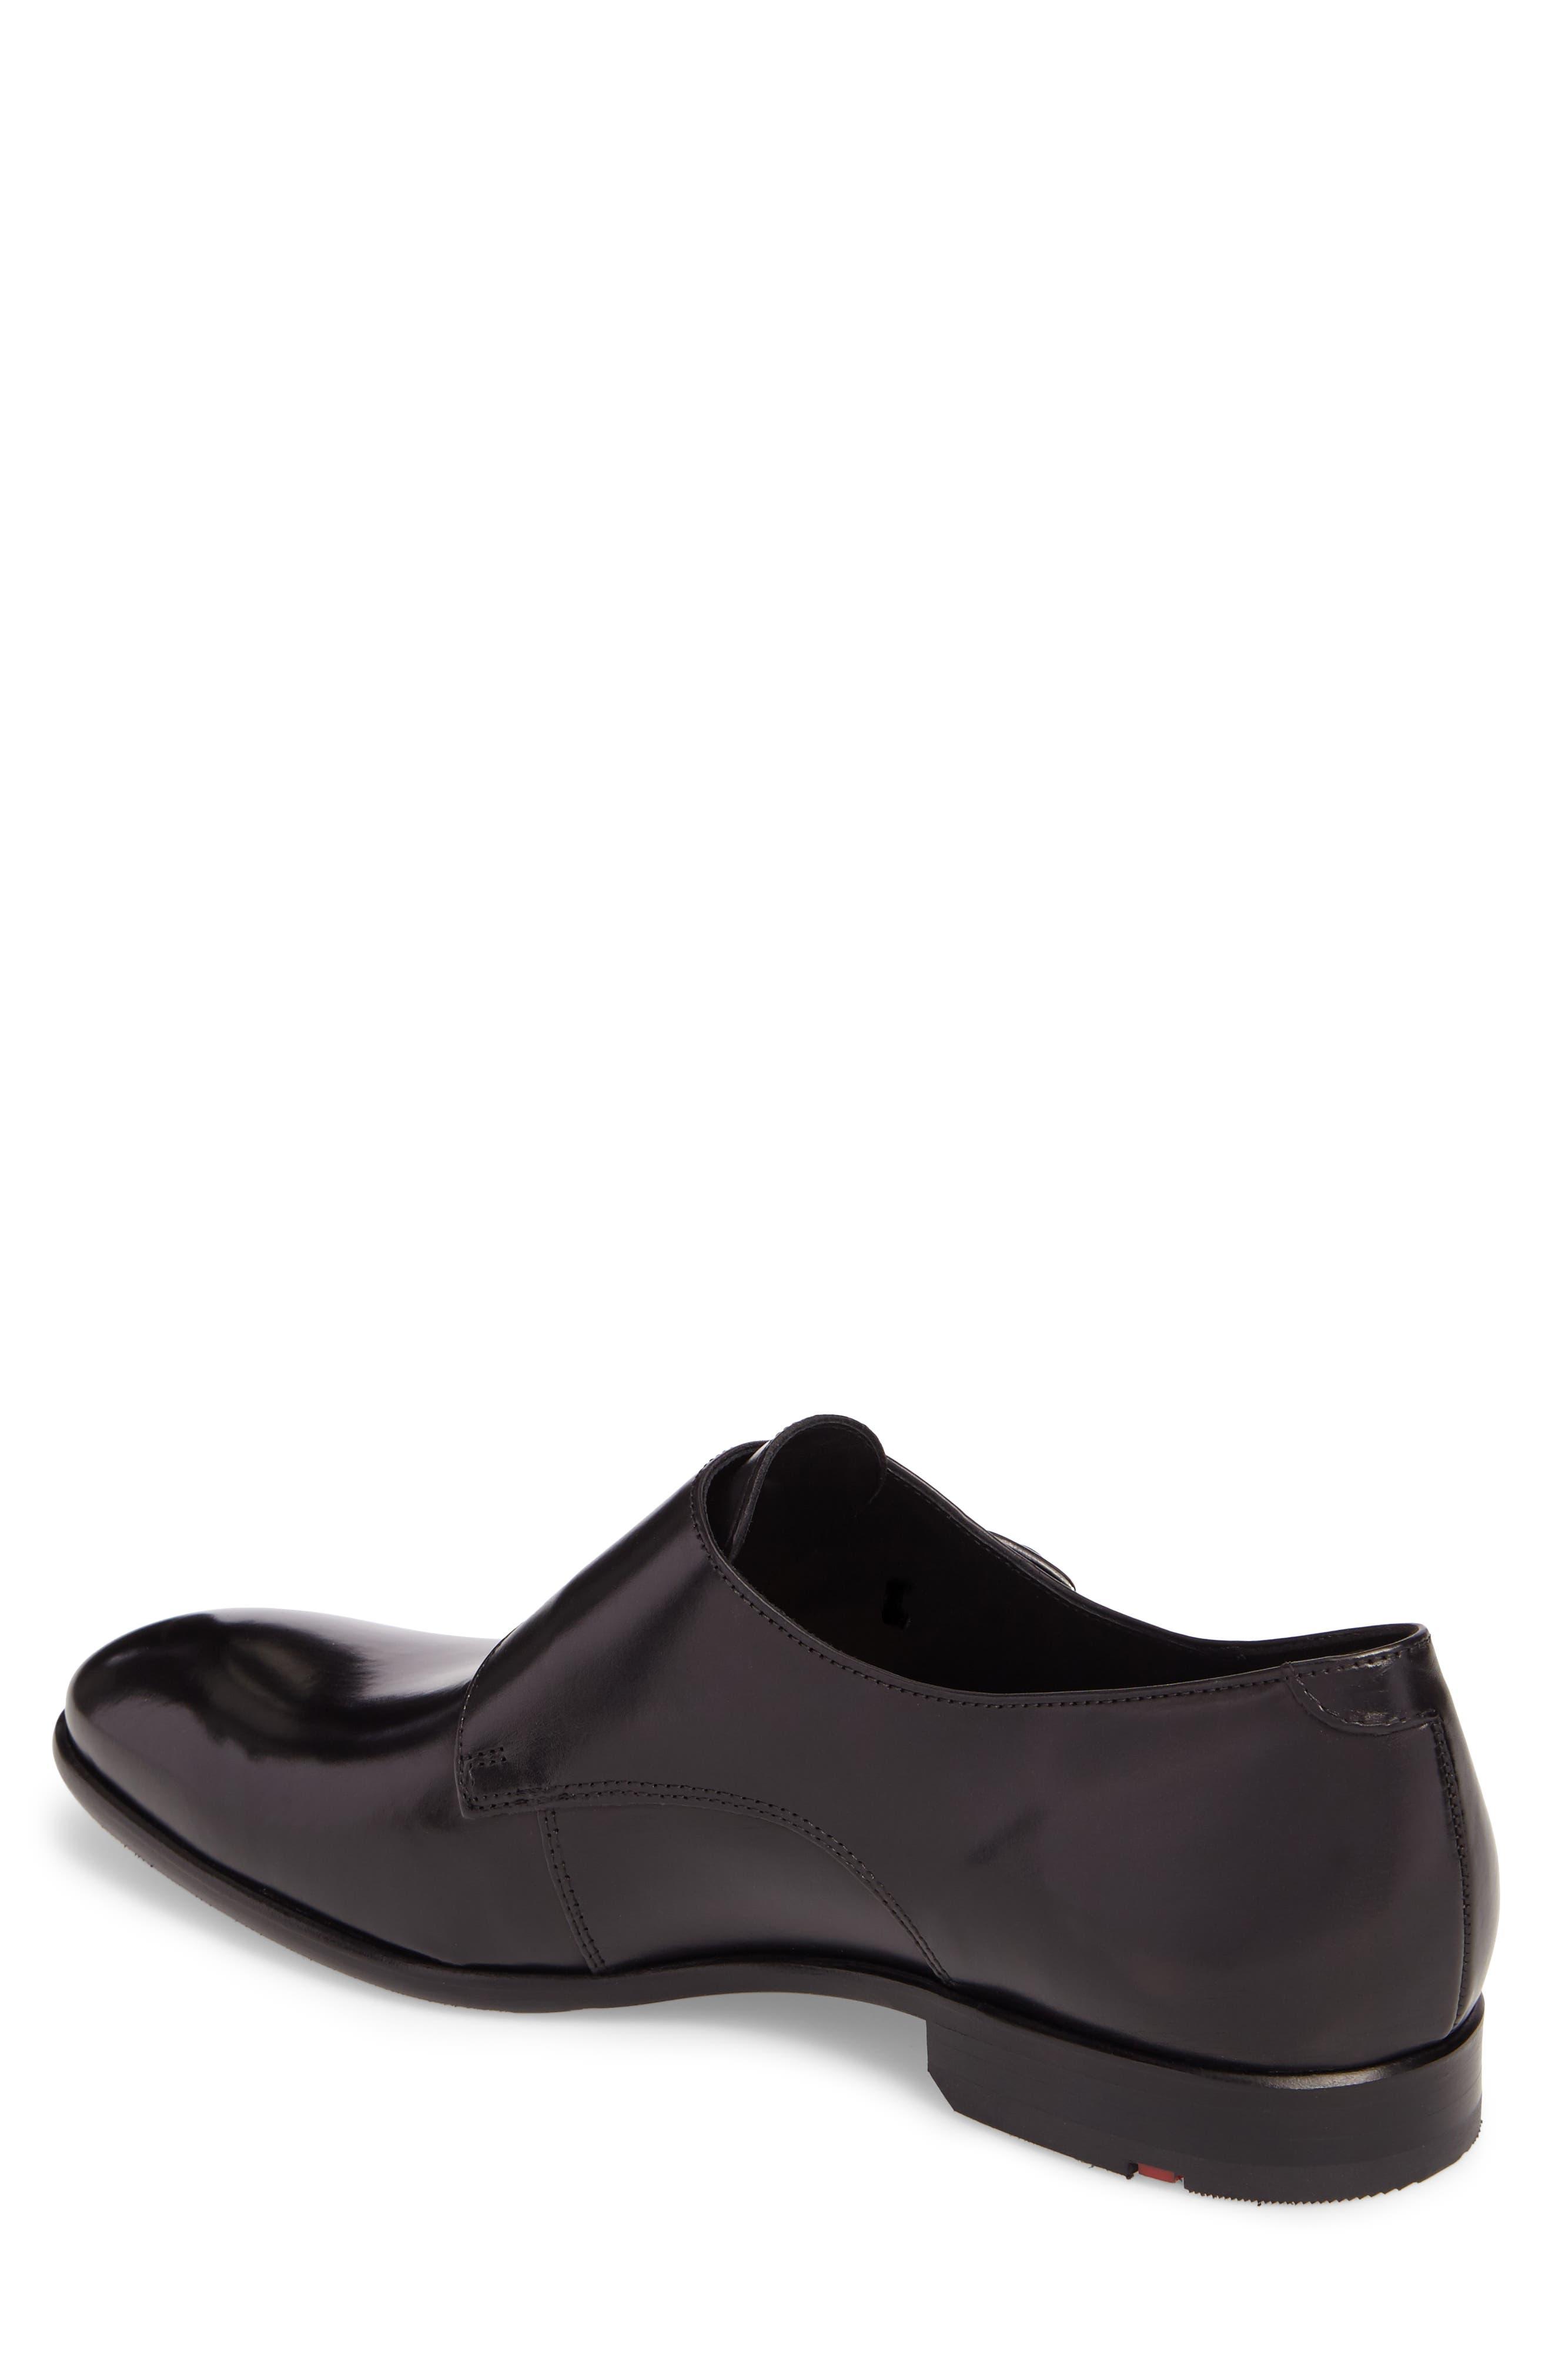 Michael Double Monk Strap Shoe,                             Alternate thumbnail 2, color,                             BLACK LEATHER